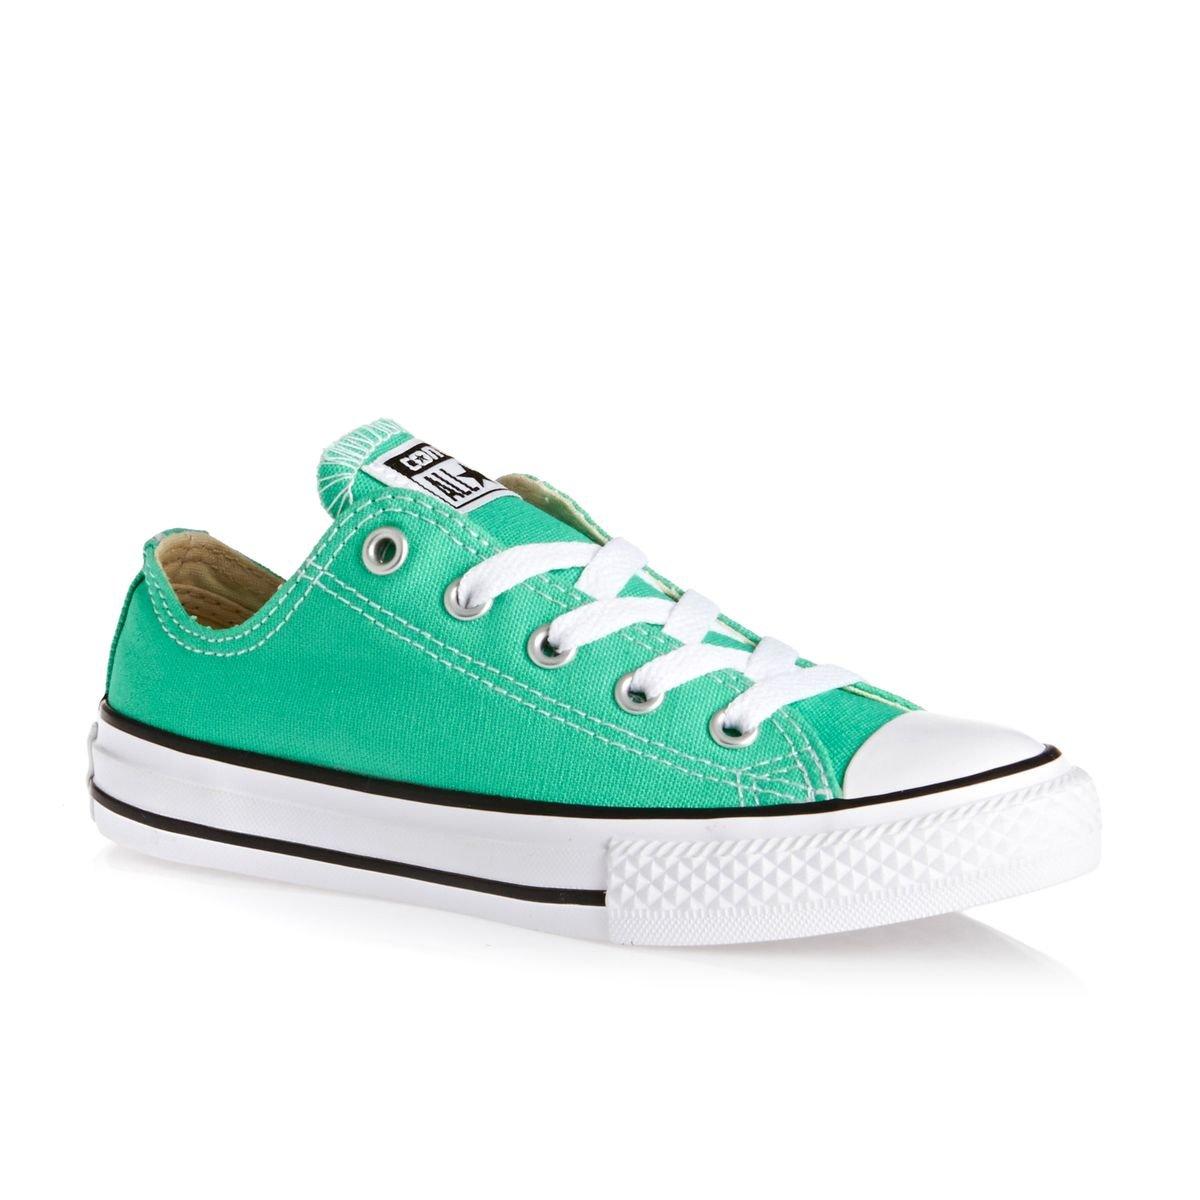 1de437331588 Converse Girls Chuck Taylor All Star Ox